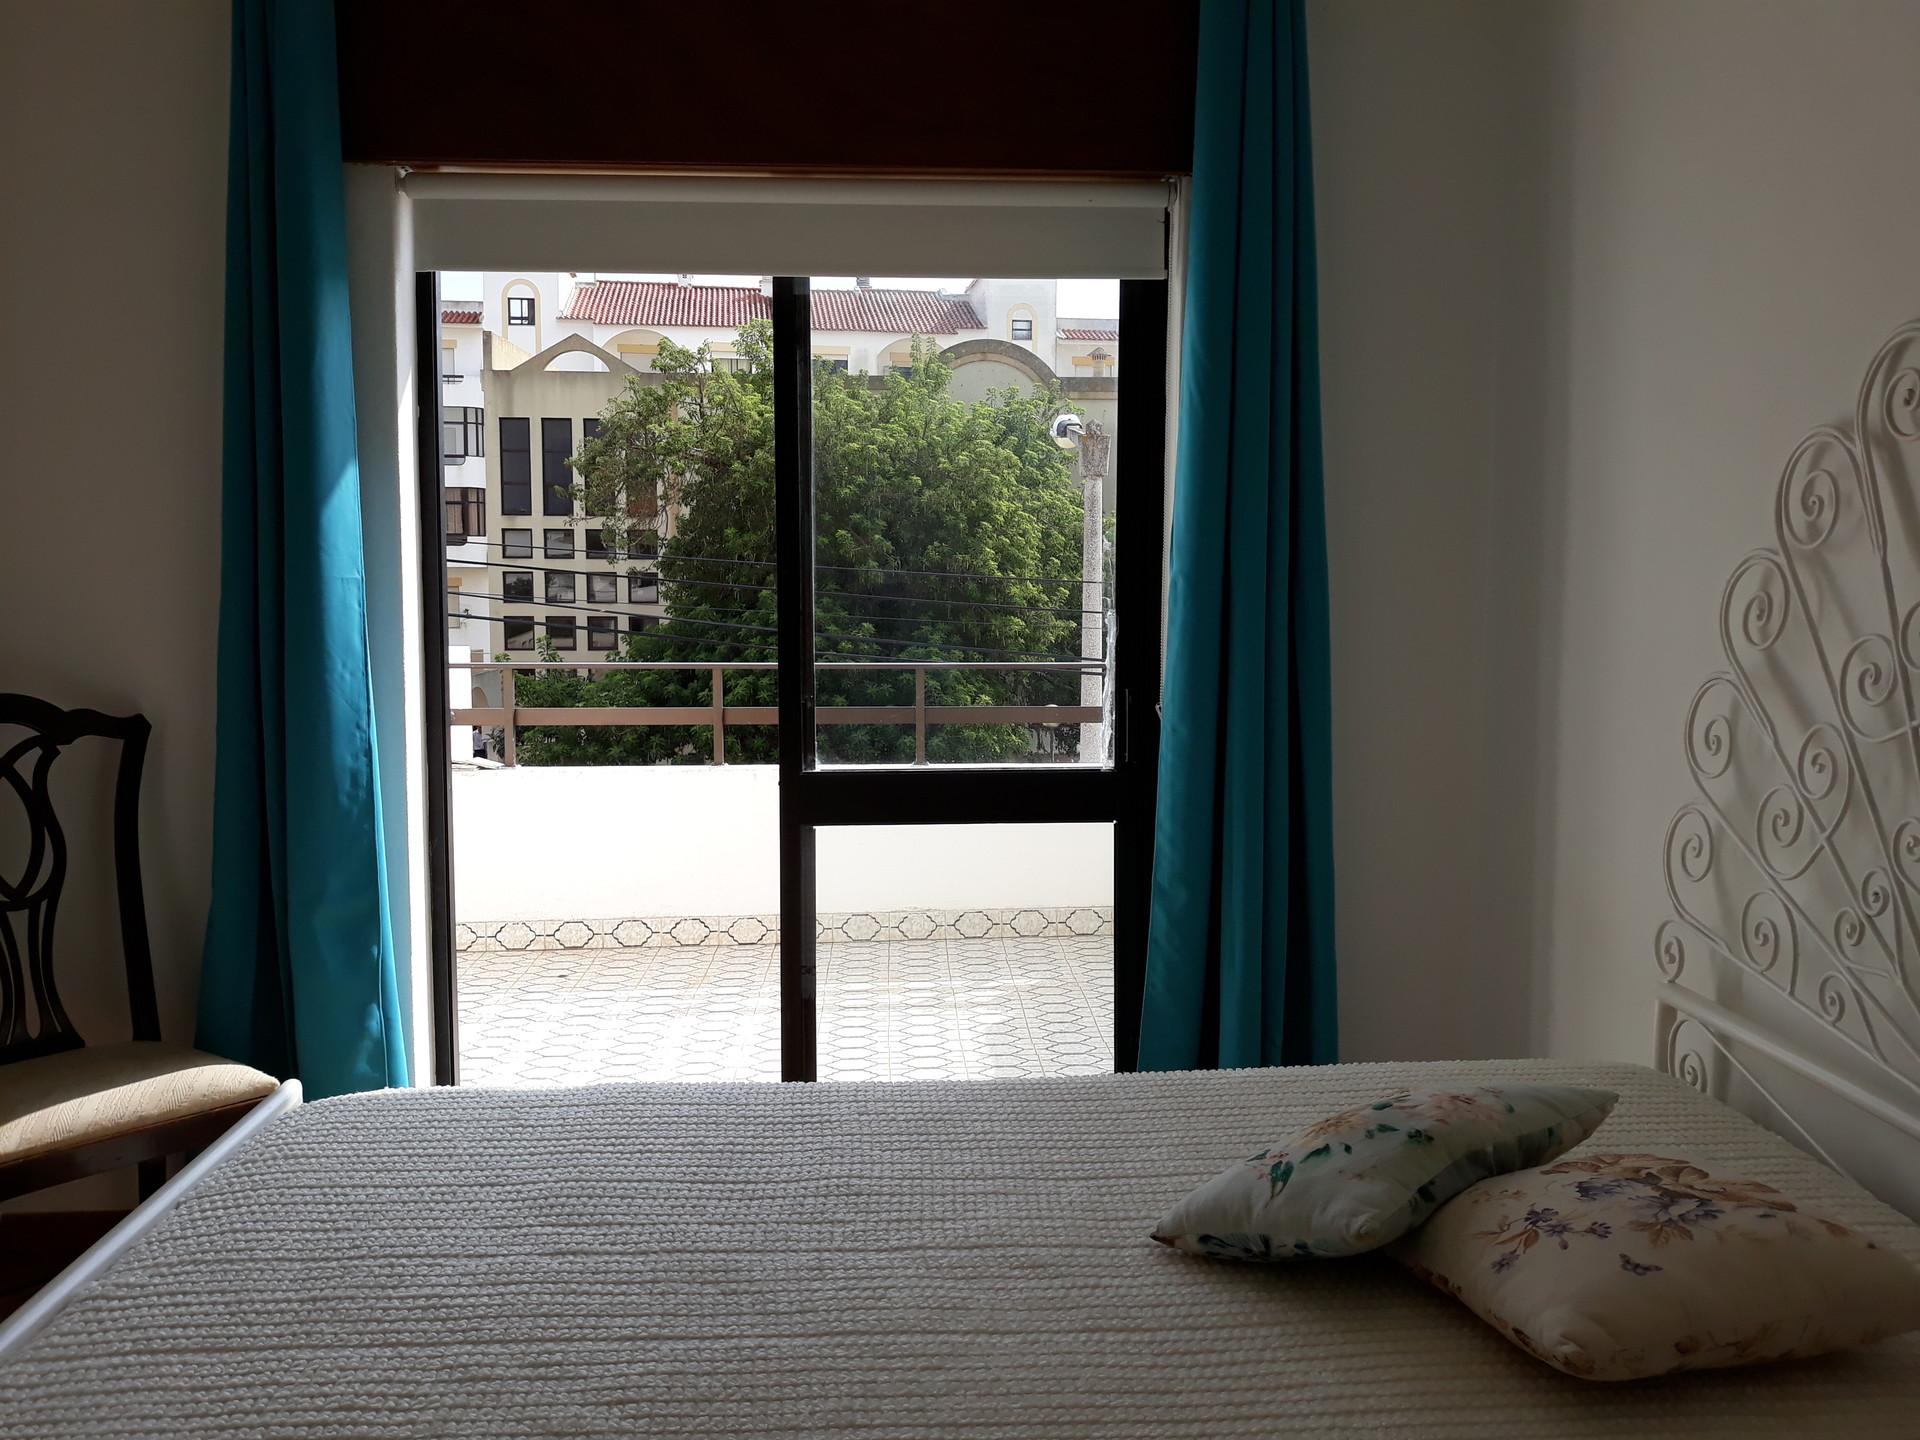 Quarto acolhedor, com grande janela e varanda, em zona calma, pe